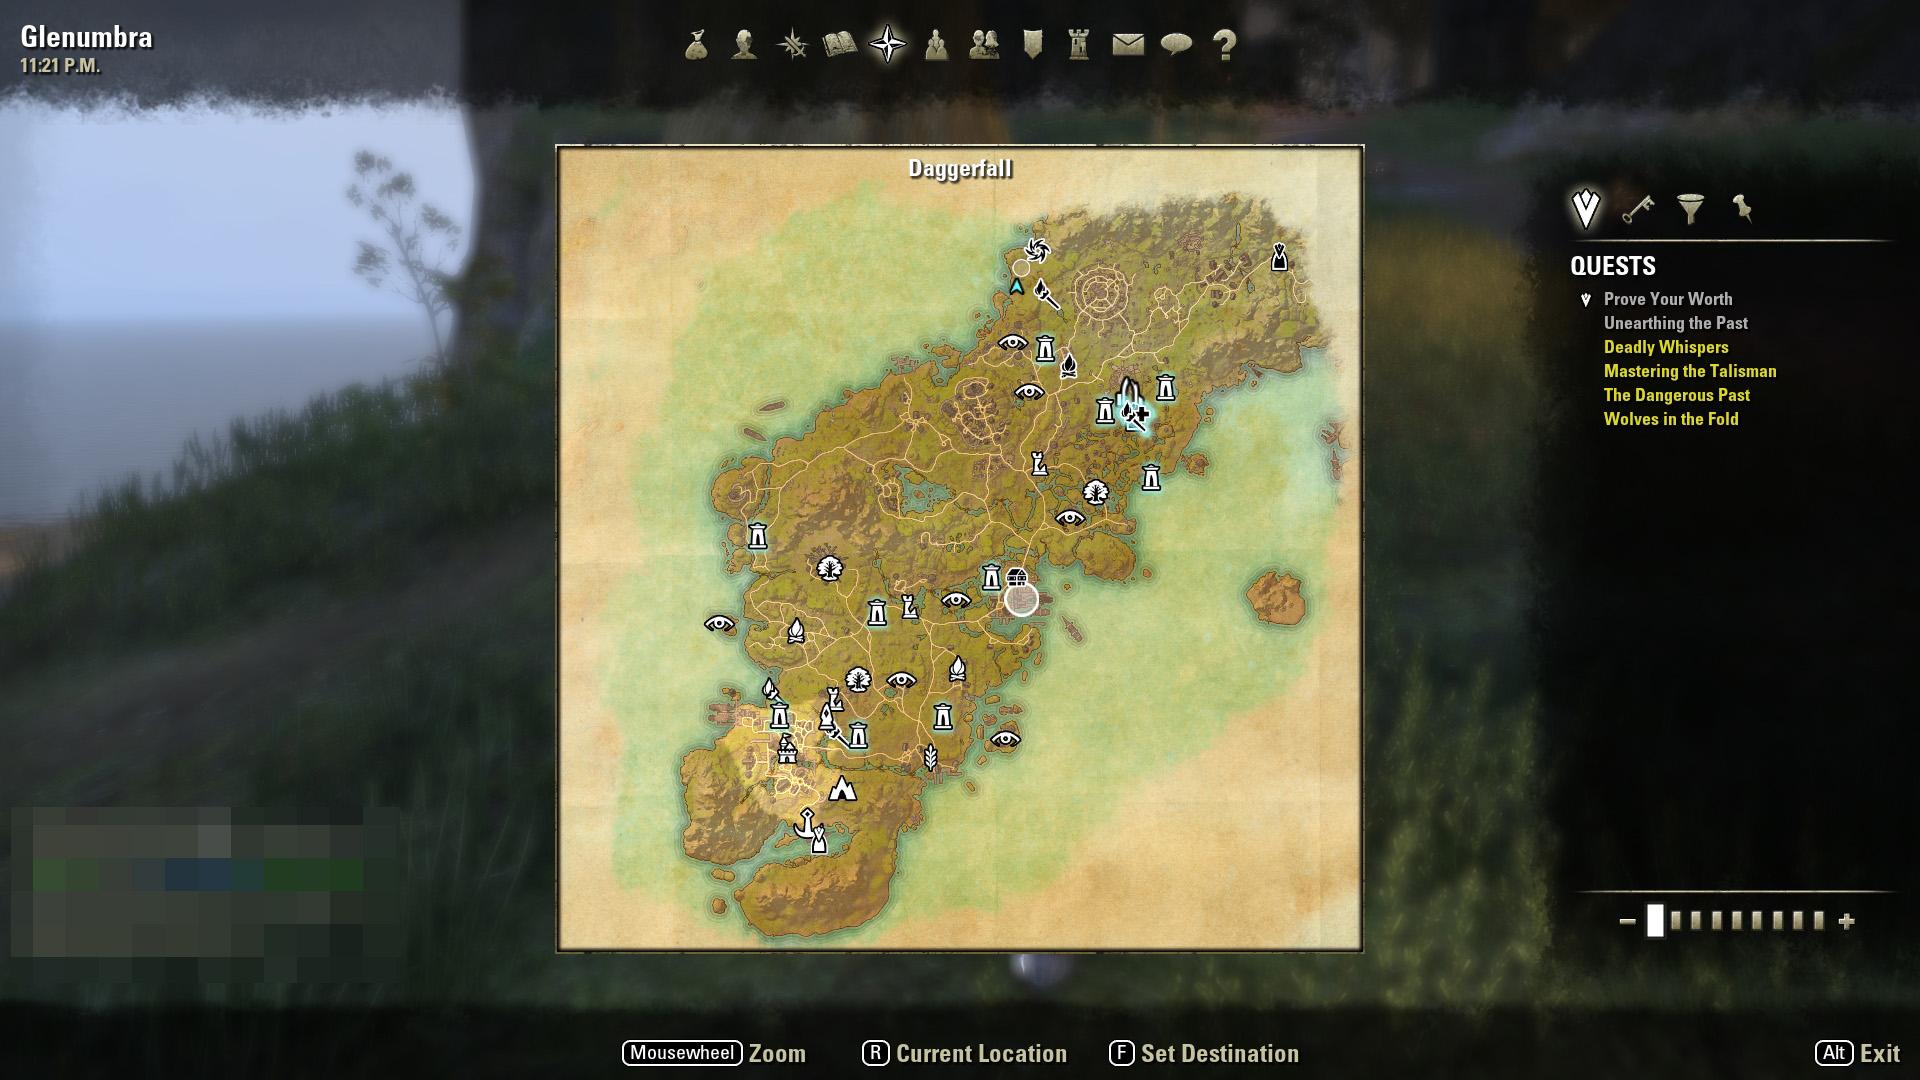 Daggerfall周辺地域。南にあるDaggerfallから北に冒険の地域は広がっていく